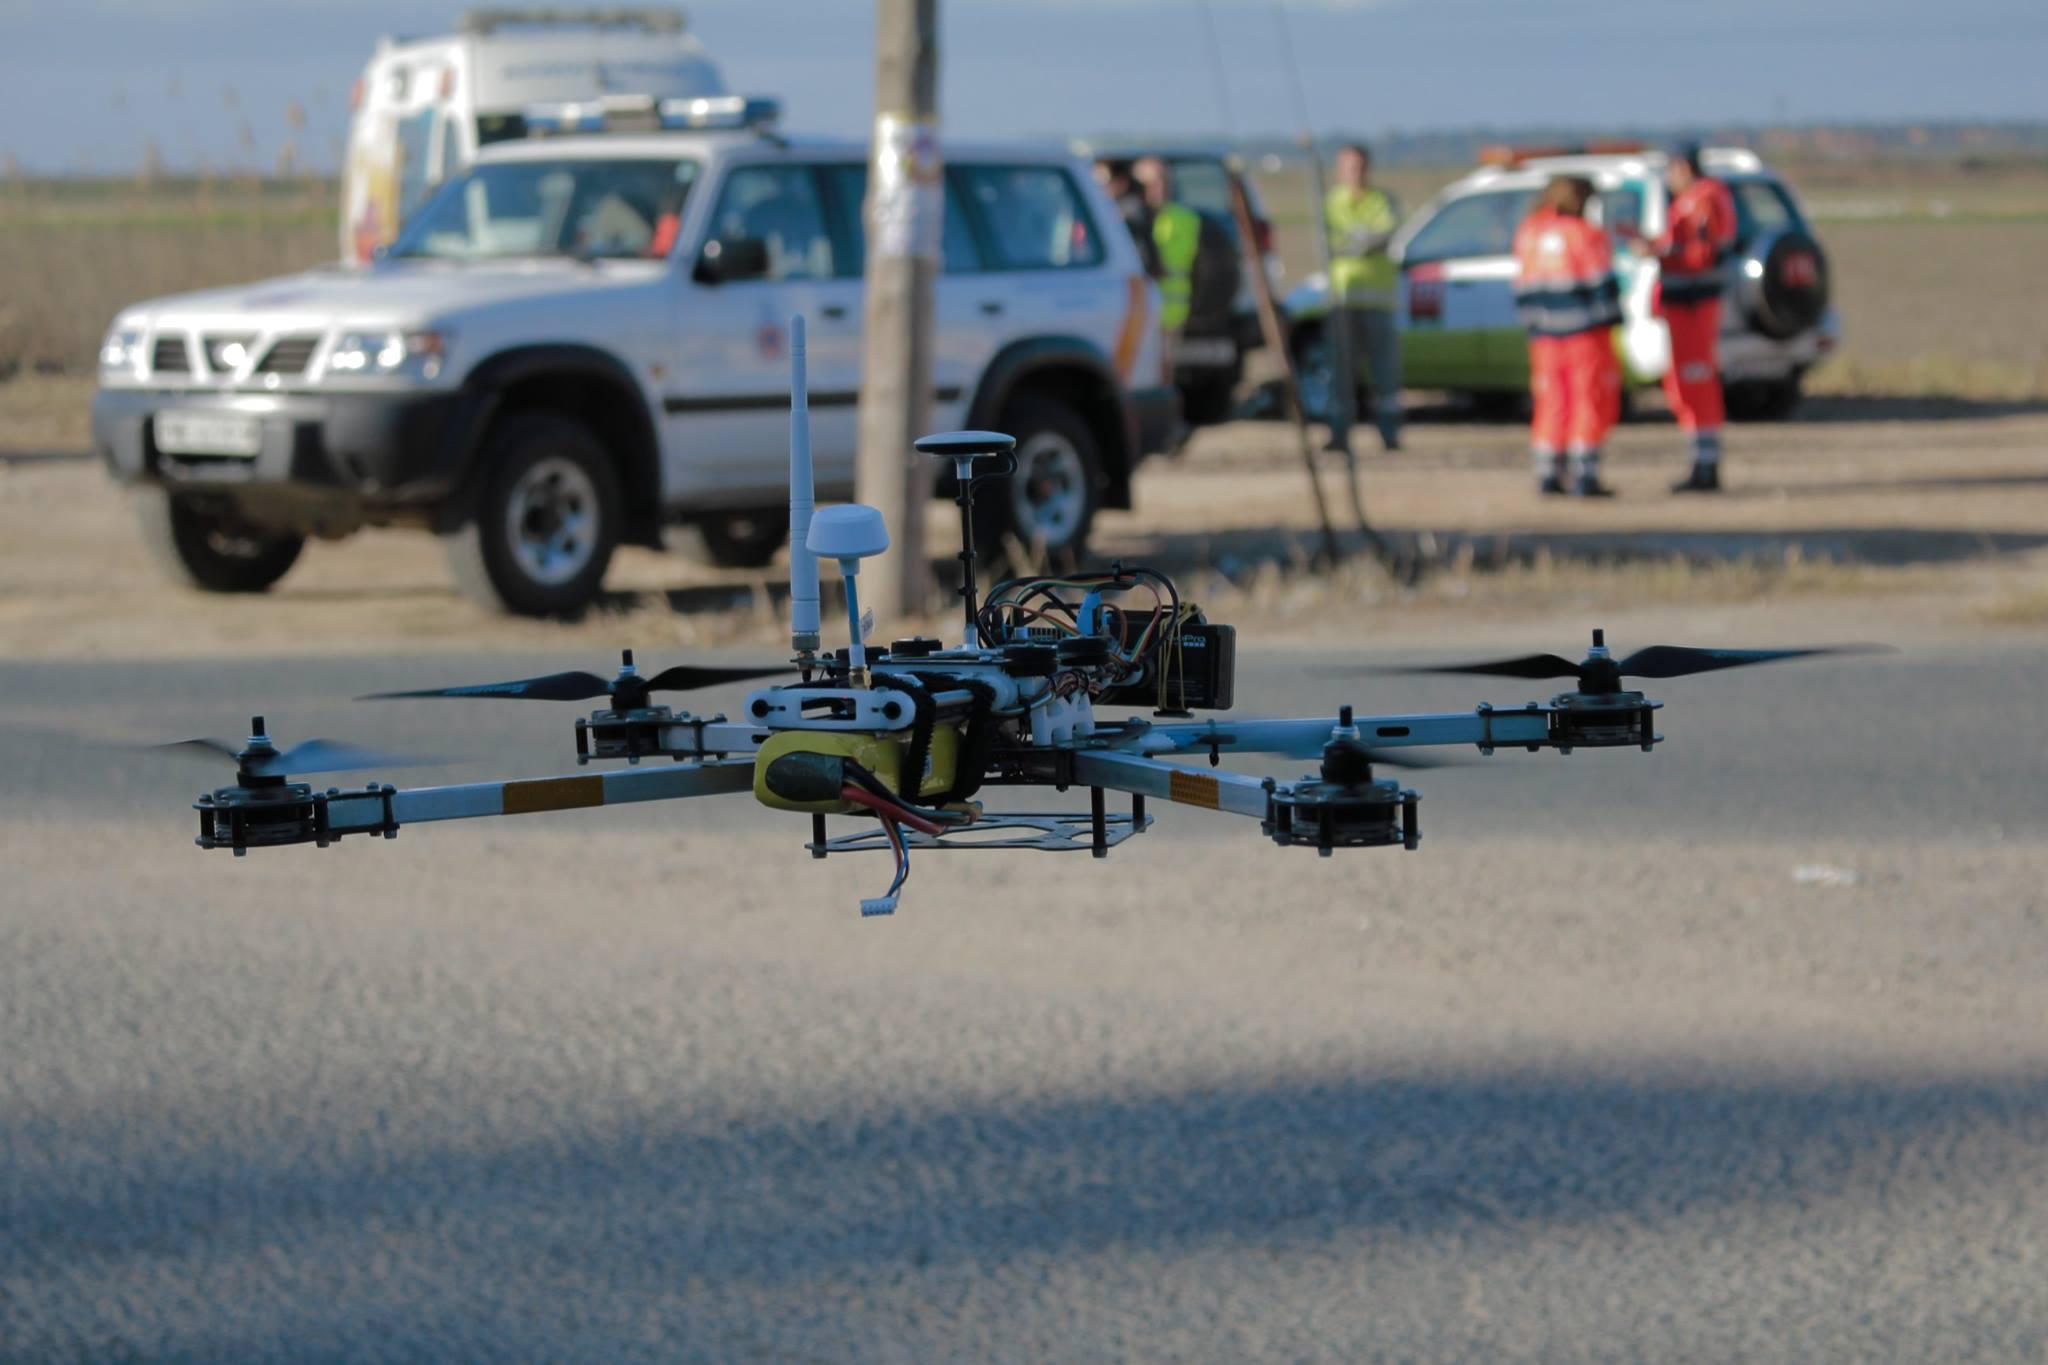 uso de drones en casos de emergencias - Puebla del Río